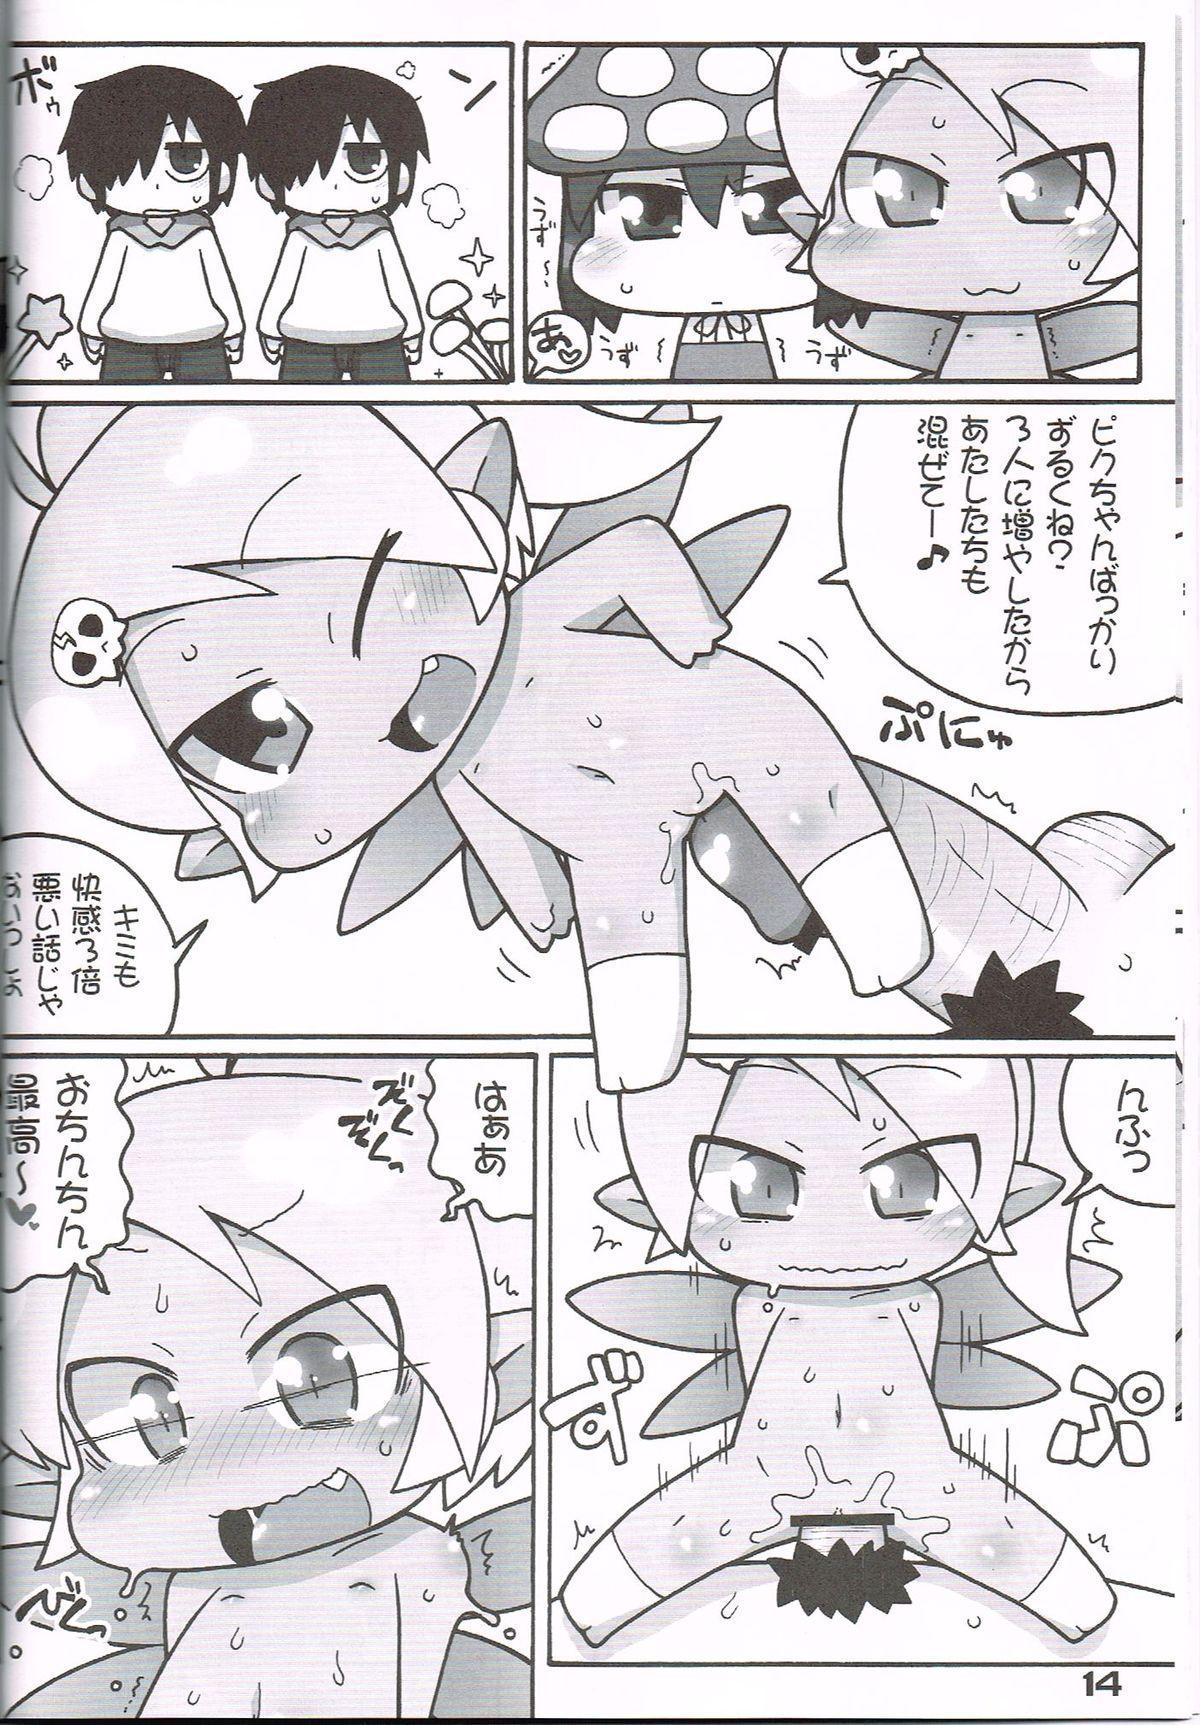 """Hatashite Konofuyu Nansatsu no Doujinshi ga """"○○ Fairies"""" Toiu Title Darouka 12"""